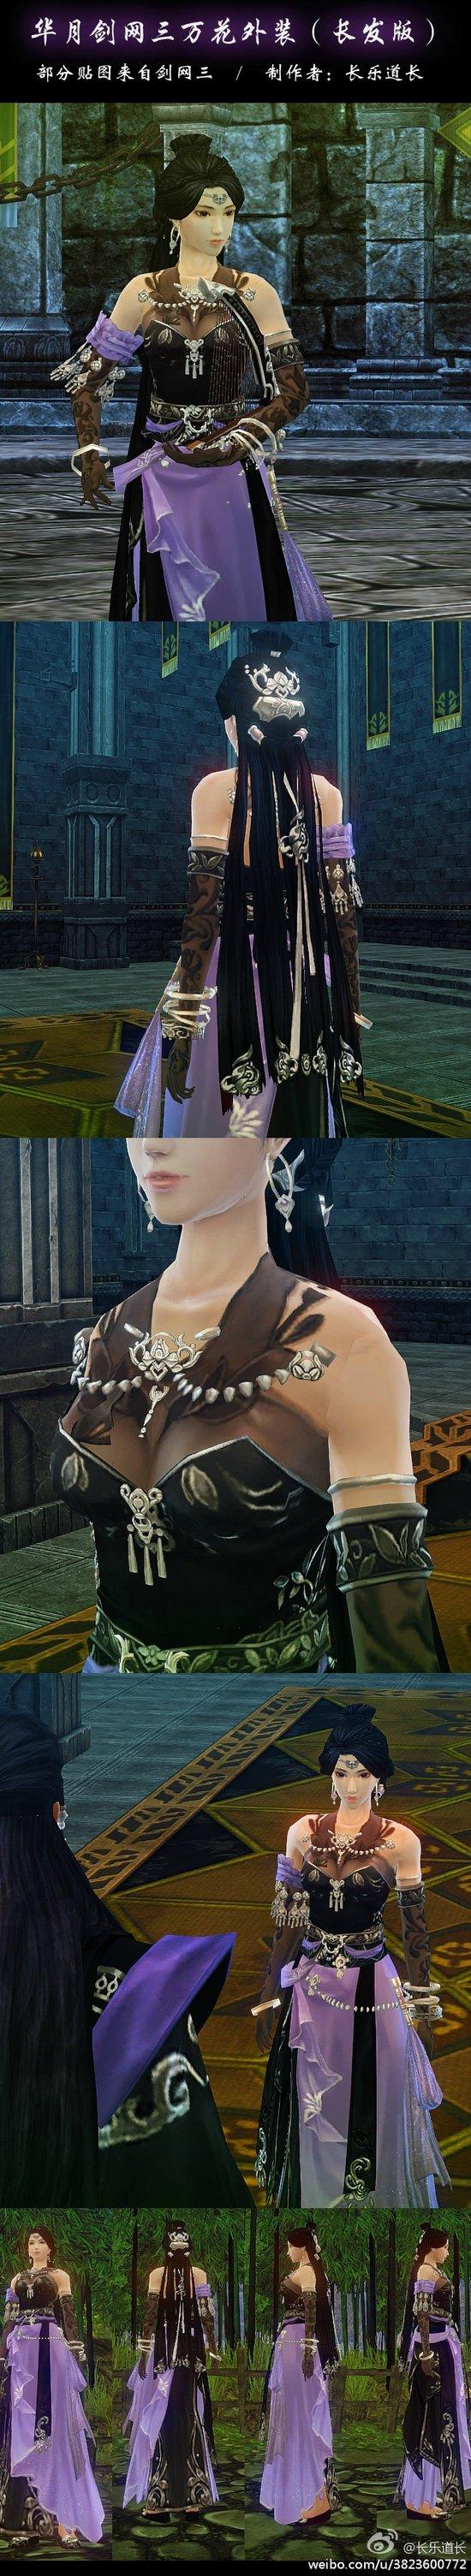 《古剑奇谭2》MOD  华月剑网三万花外装mod